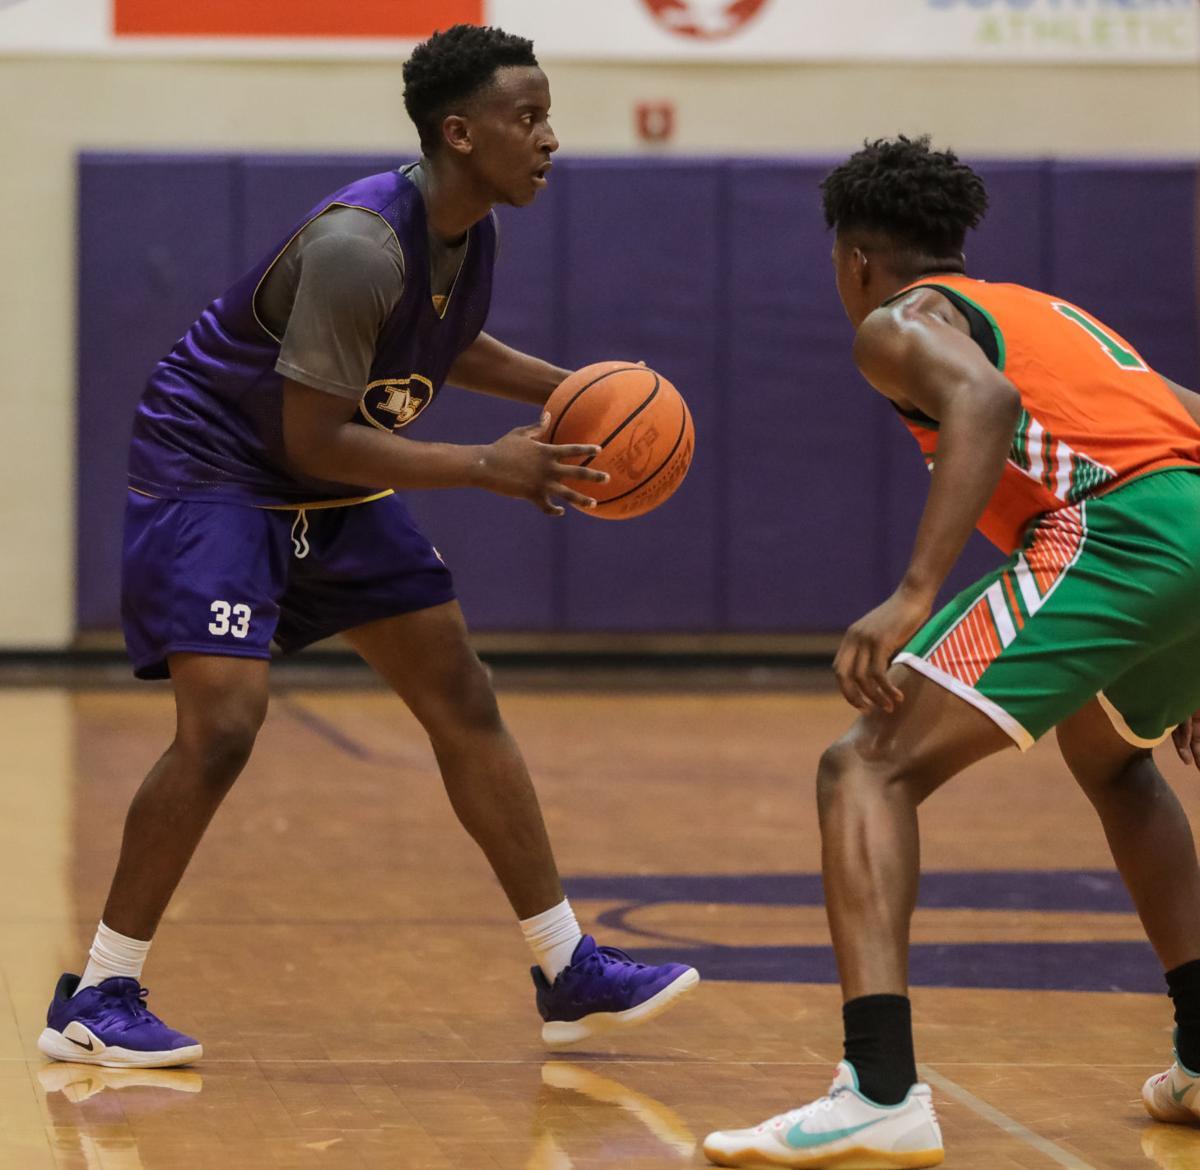 Central vs. Denham Springs basketball C.J. Johnson Nah'Landri Stimson